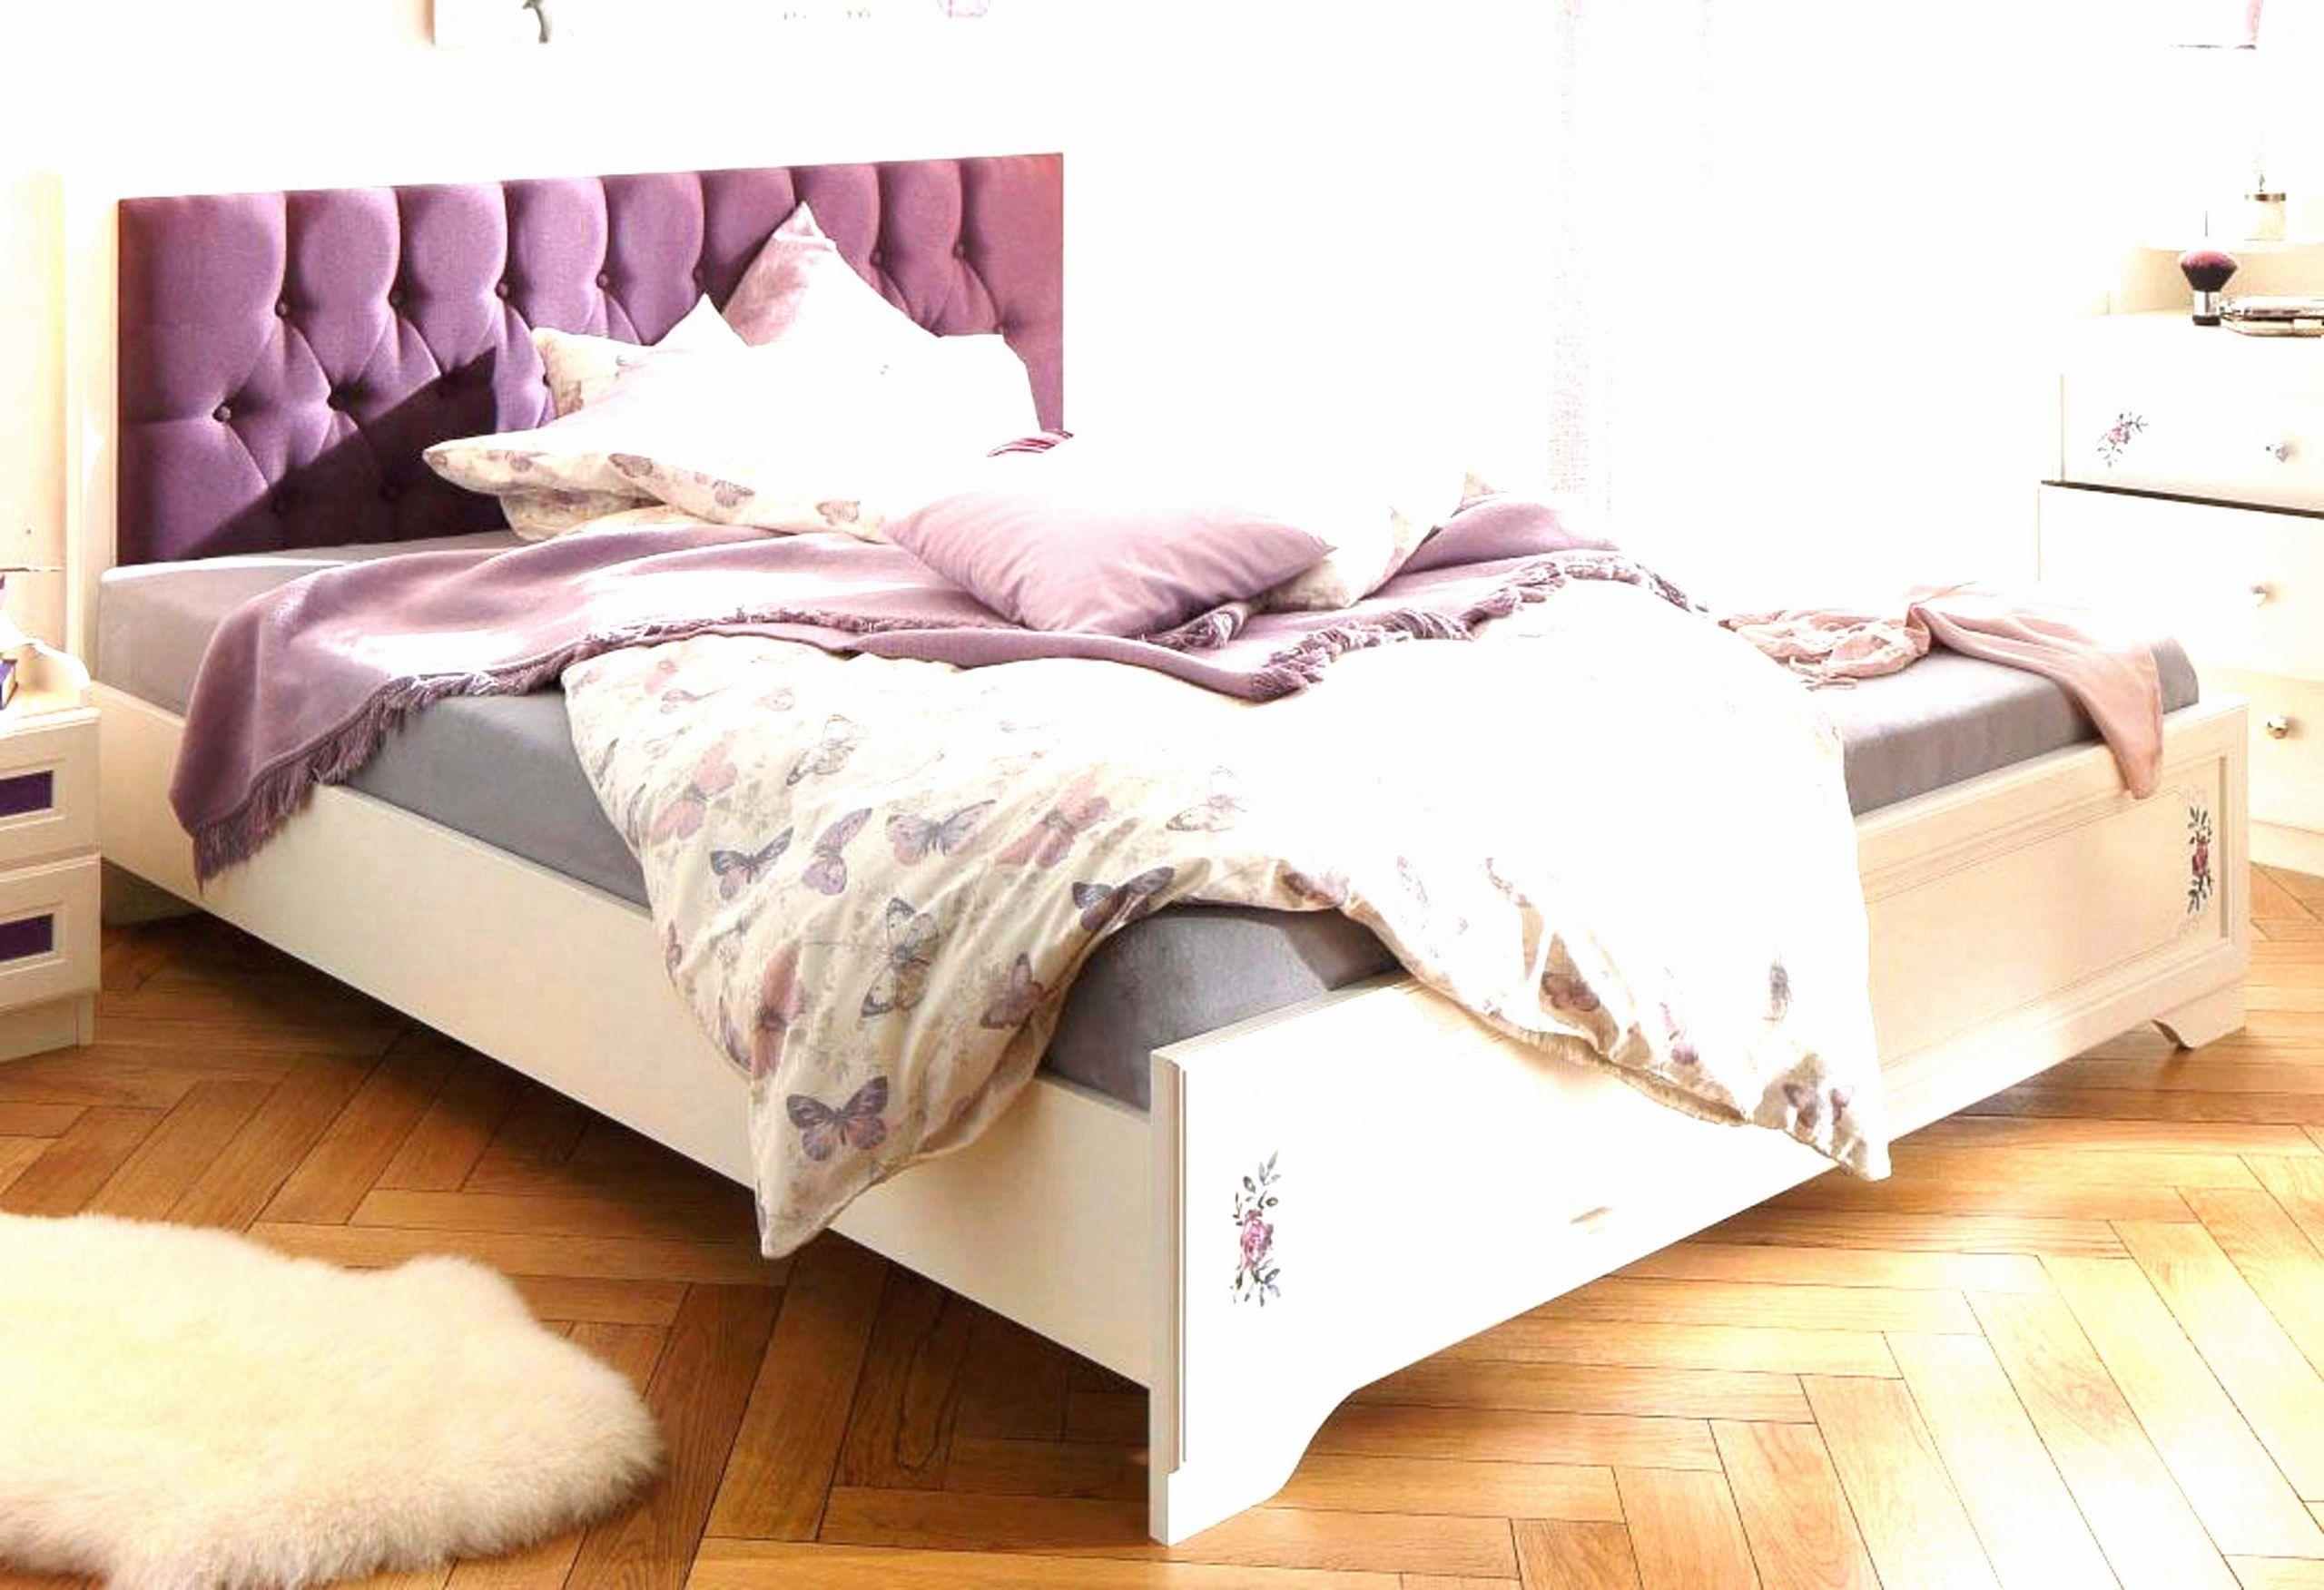 exquisit schlafzimmer design schon schlafzimmer bett best balken bett 0d archives quest sc design ideen of exquisit schlafzimmer design